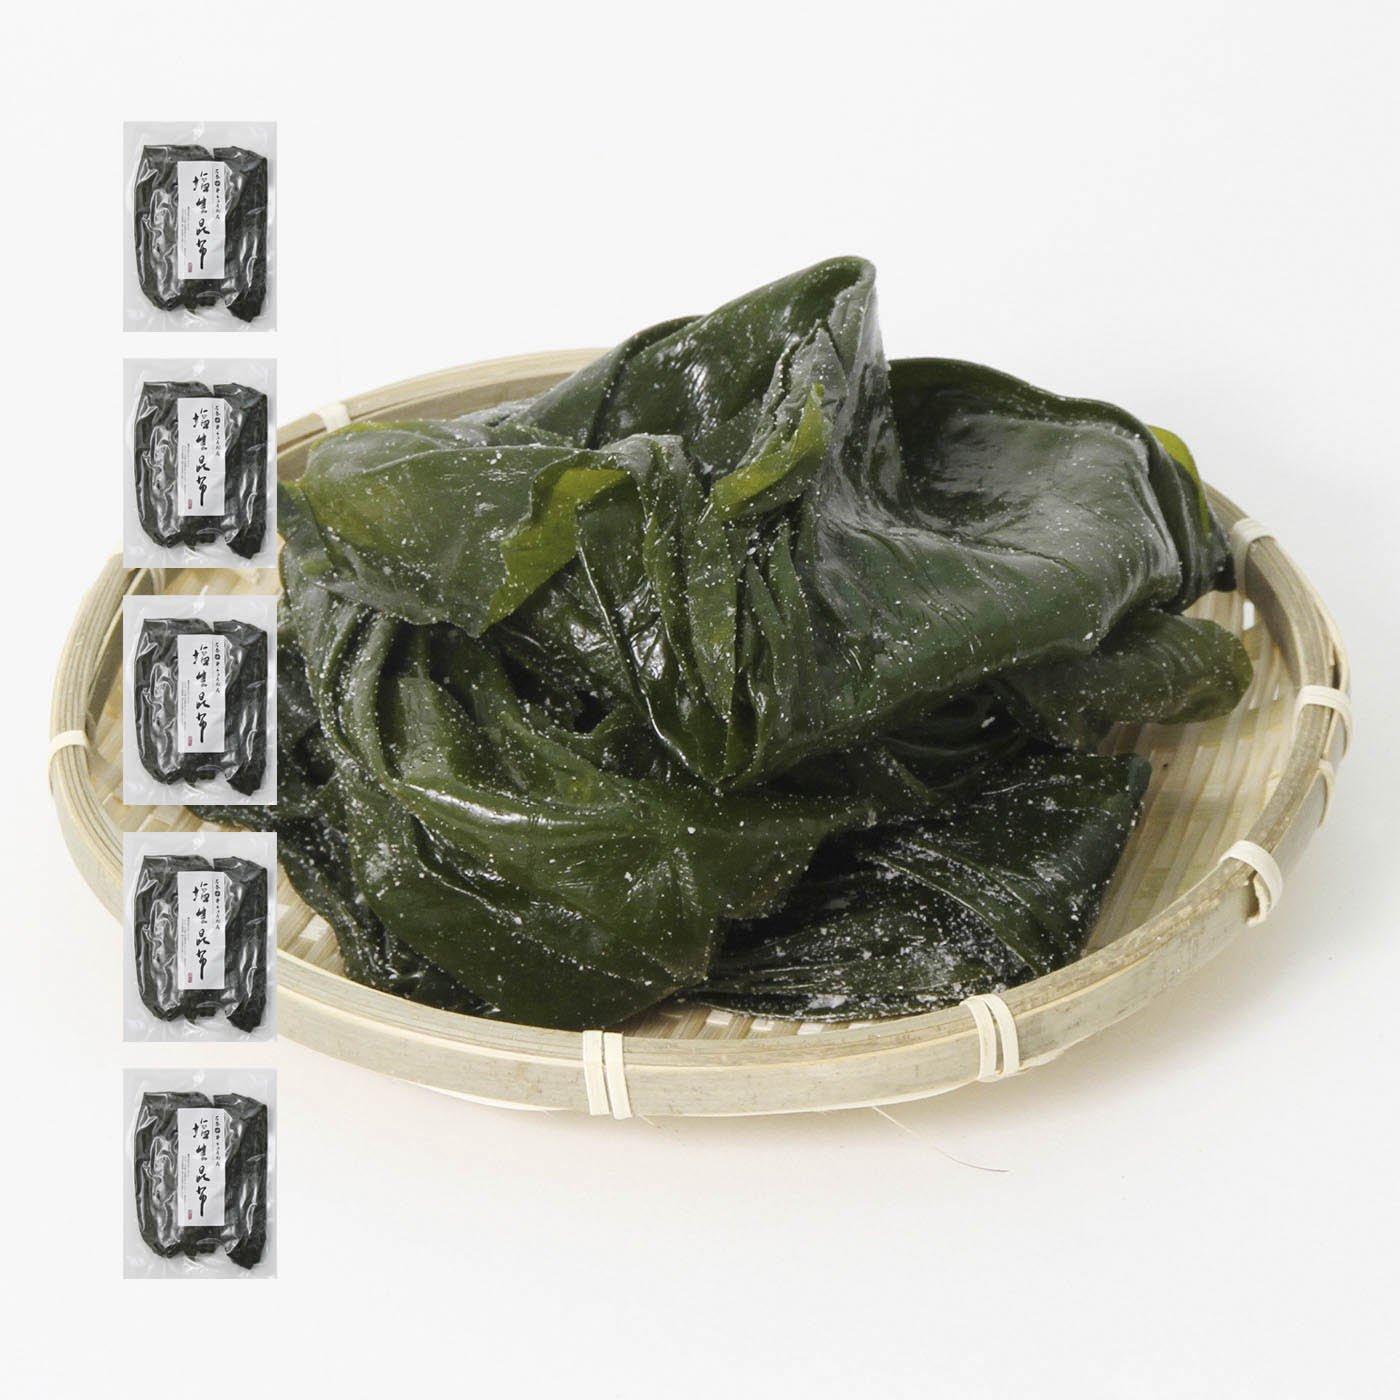 三陸産 塩蔵昆布 5袋セット